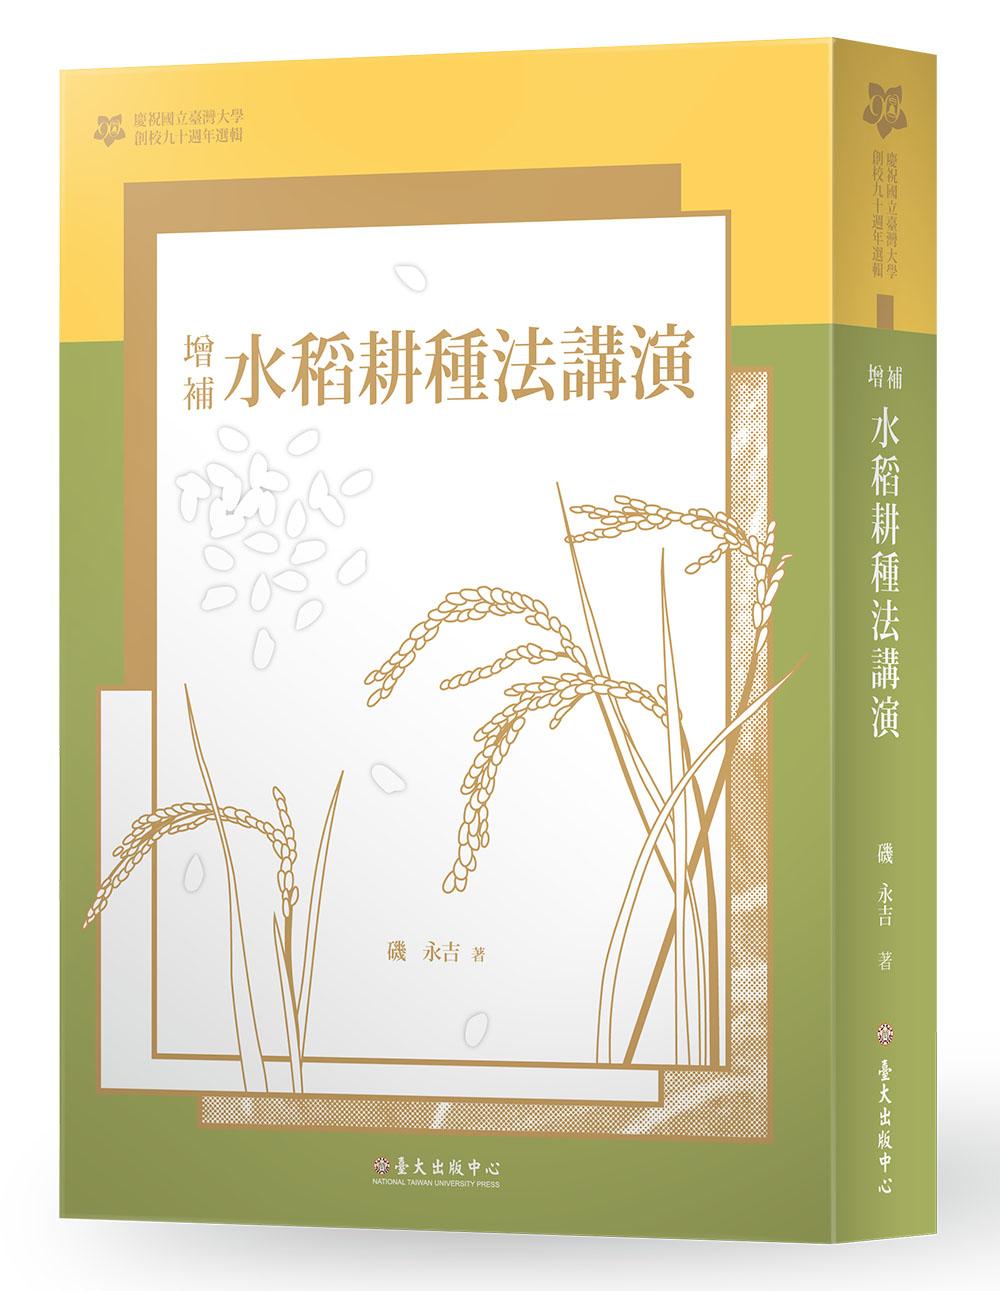 增補水稻耕種法講演